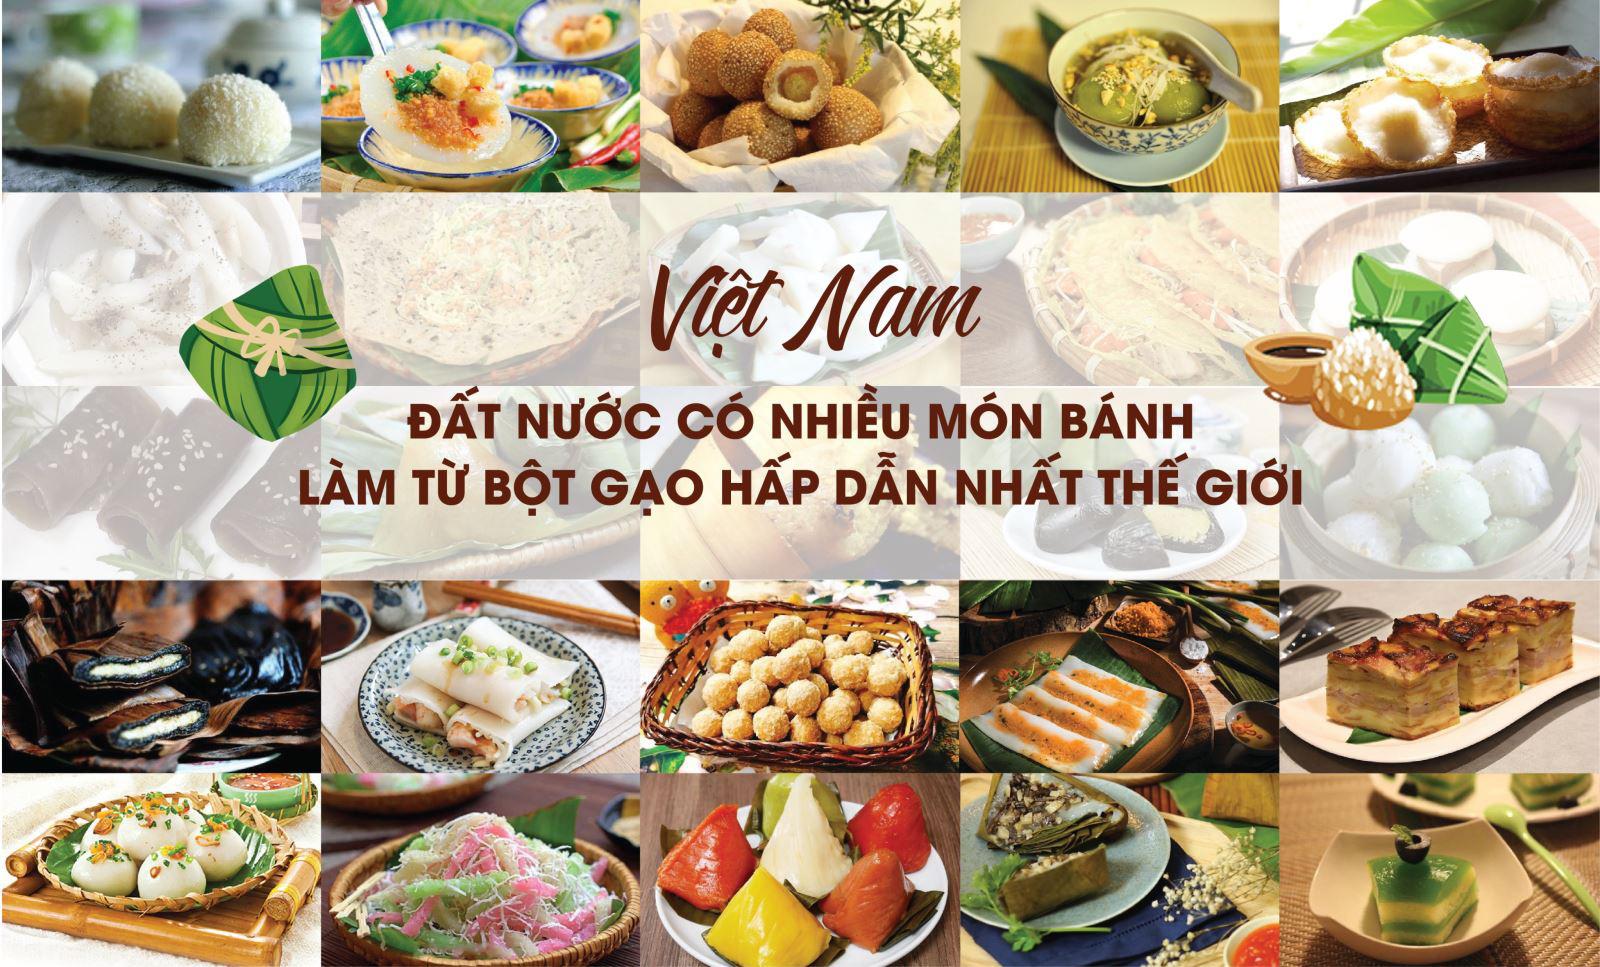 5 chữ nhất kỷ lục thế giới về ẩm thực mà Việt Nam vừa xác lập là những kỷ lục nào? - Ảnh 8.